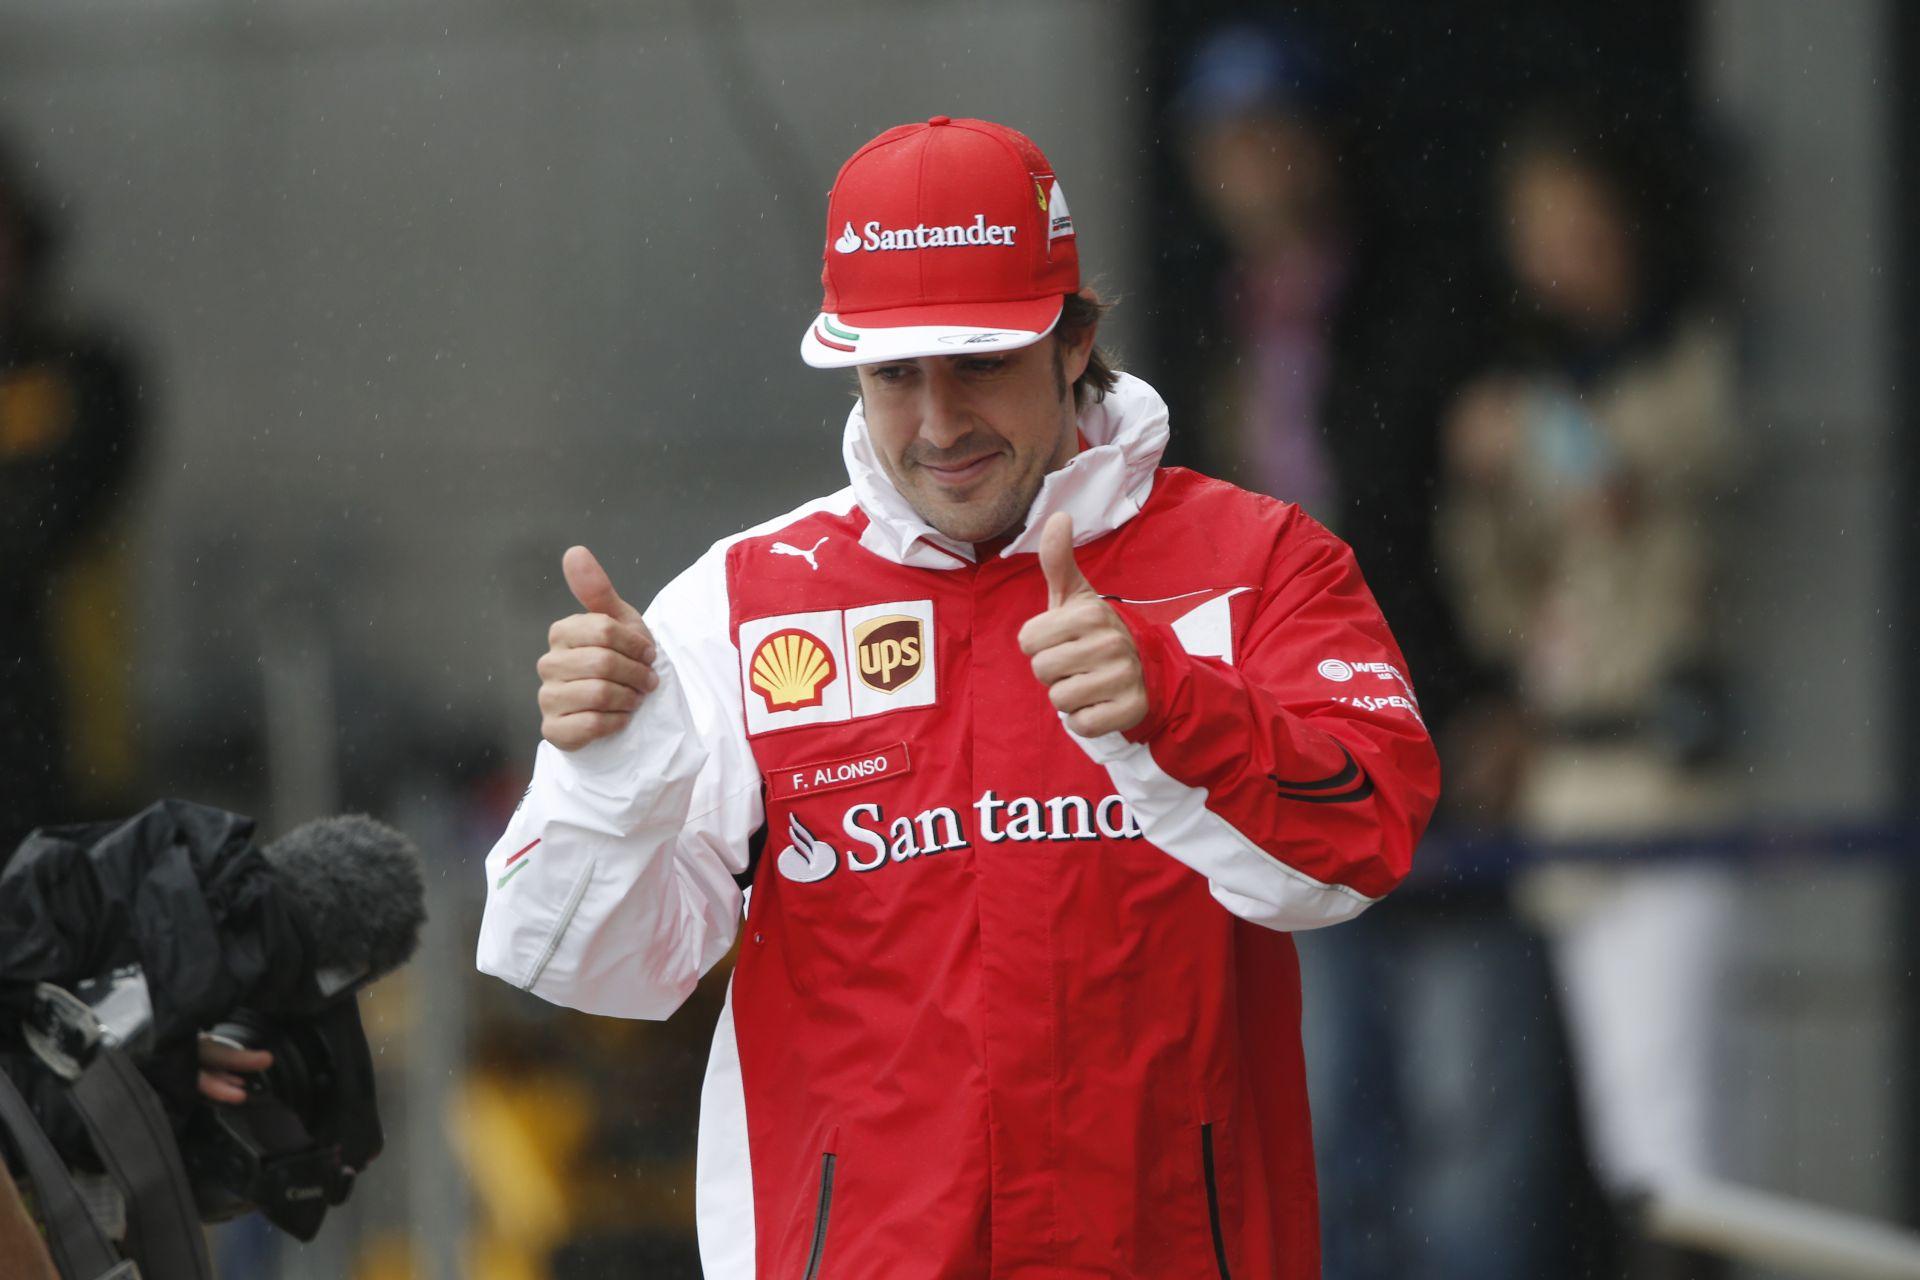 Alonso: 2 éves szerződésem a Ferrarinál, miért kellene aláírnom egy újat?